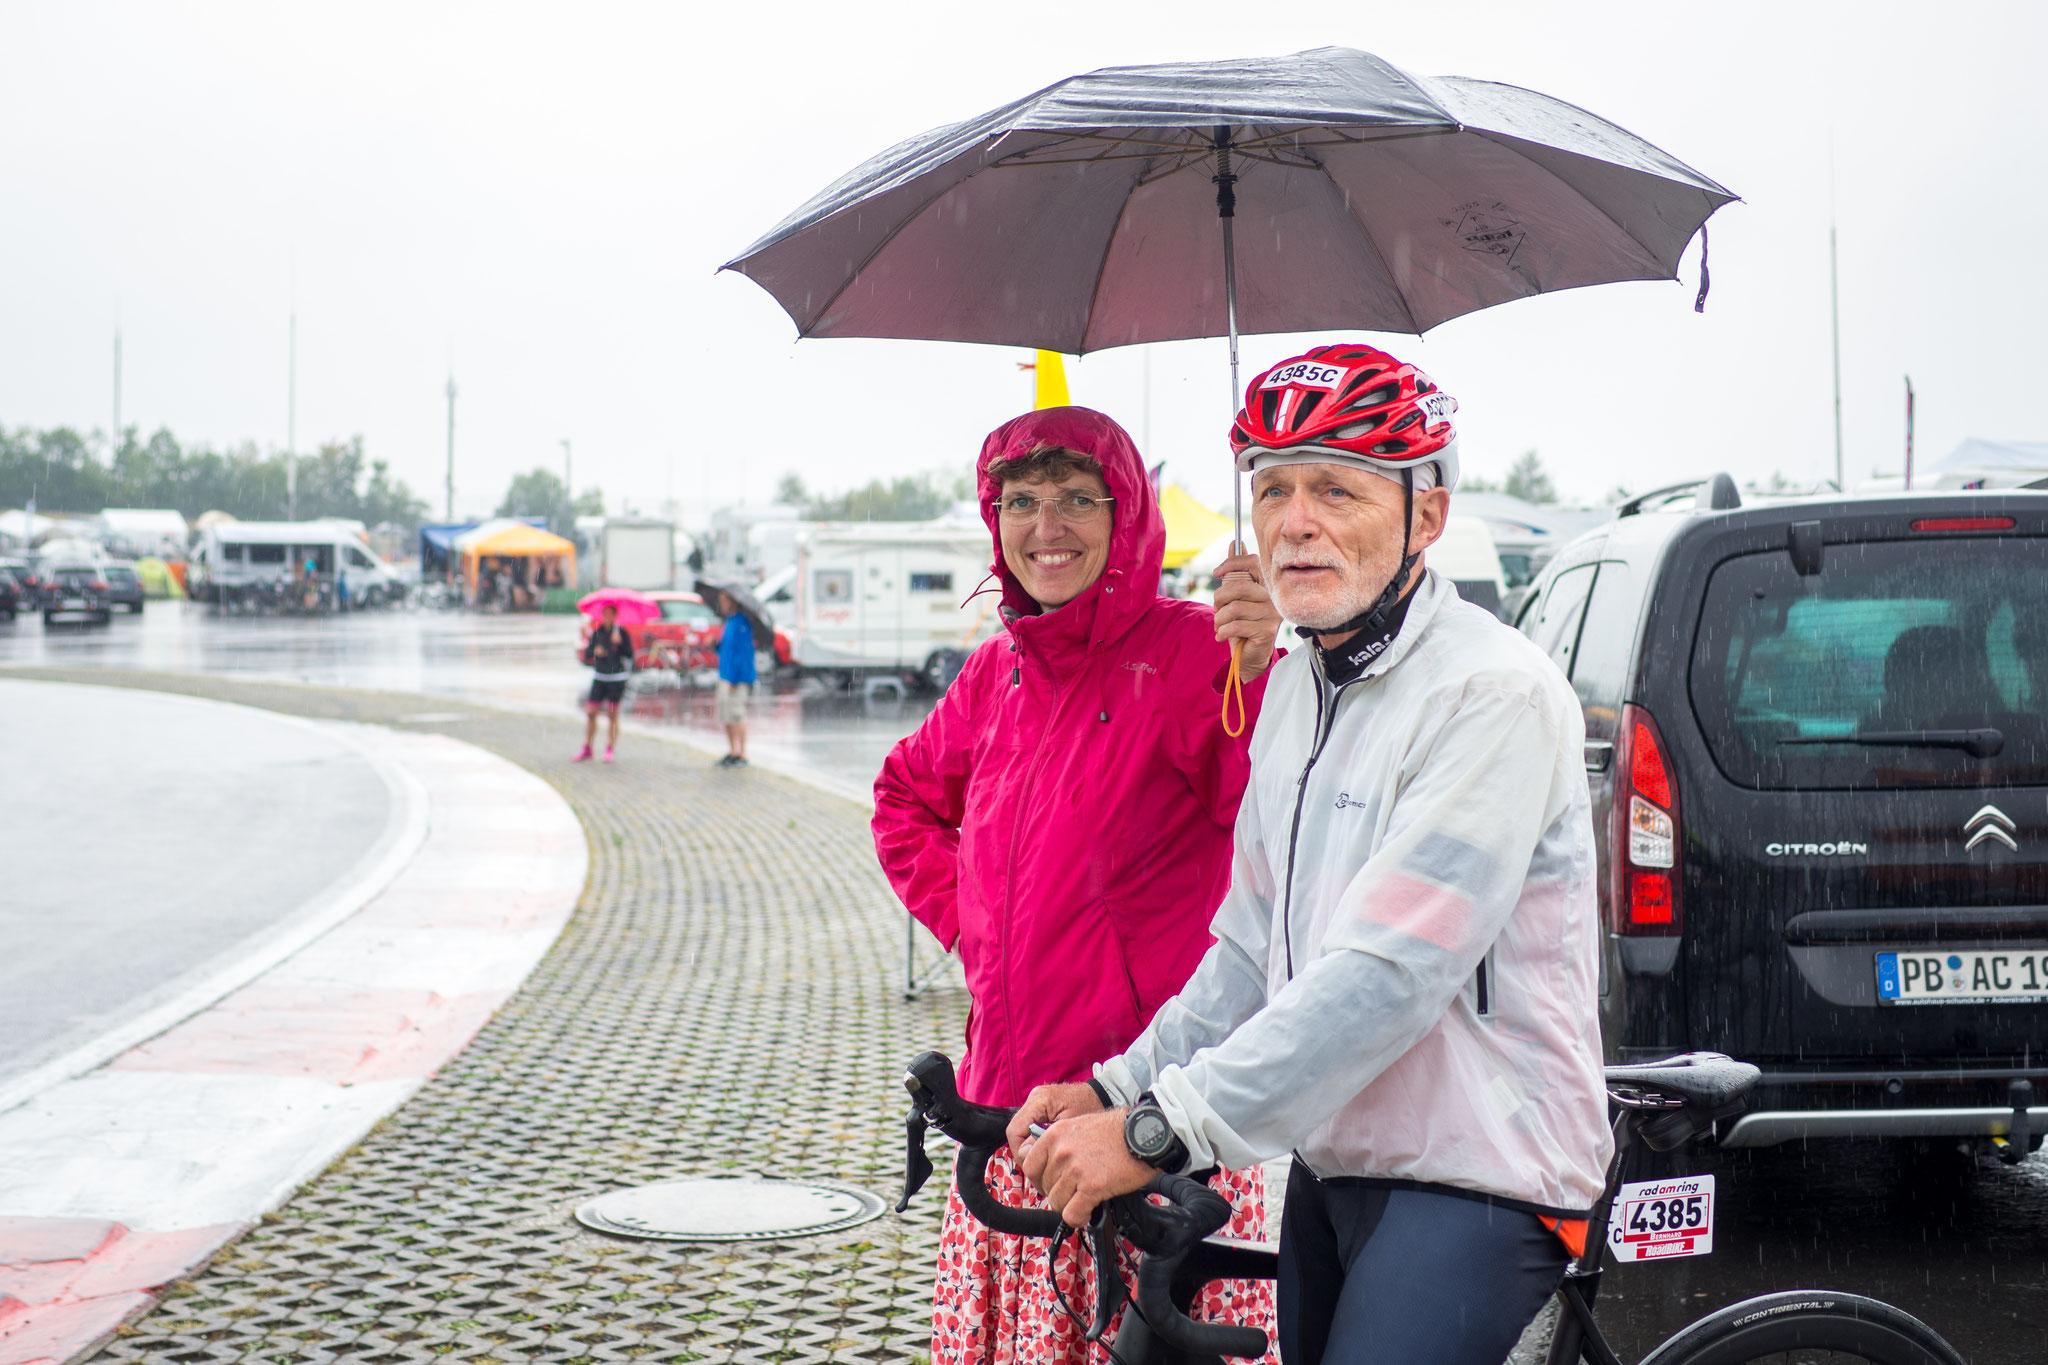 ...ein Schirm ist schon was Schönes, schade dass man keinen auf der Strecke dabei hat...